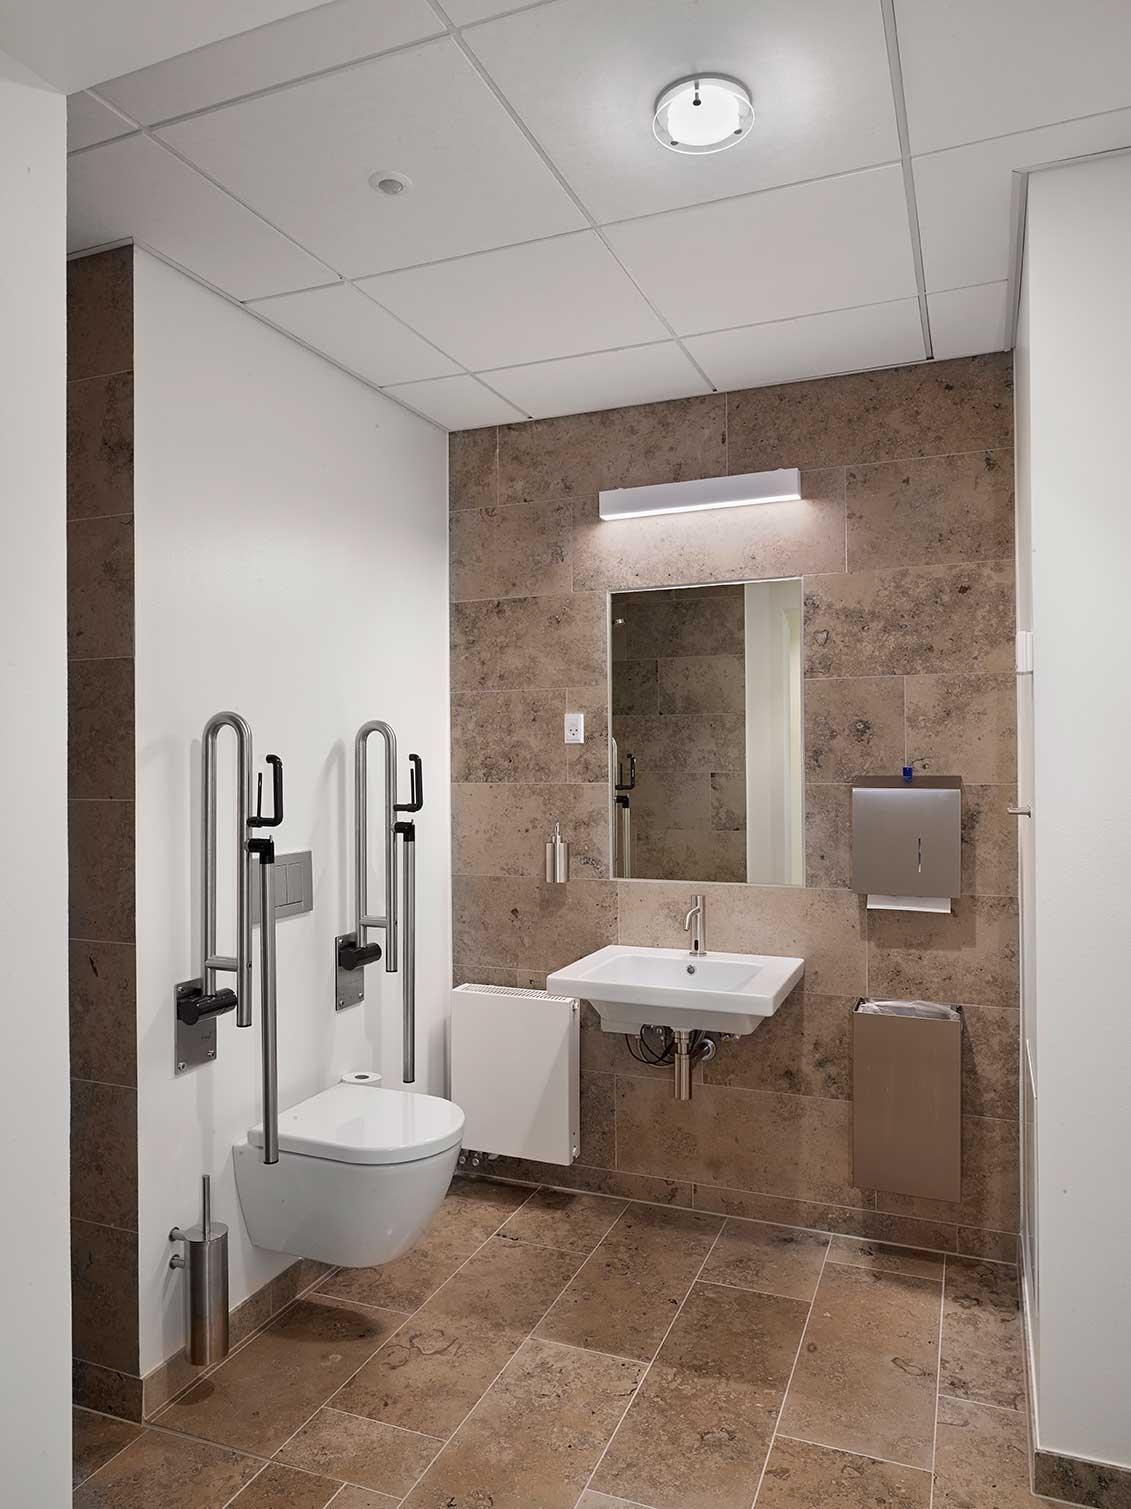 EDLR 195 downlight indbygget i loft på toiletter med Matric 55mm Wall D3 aflang lampe, der kun lyser direkte/ned påbygget på væg over håndvask - Luminex